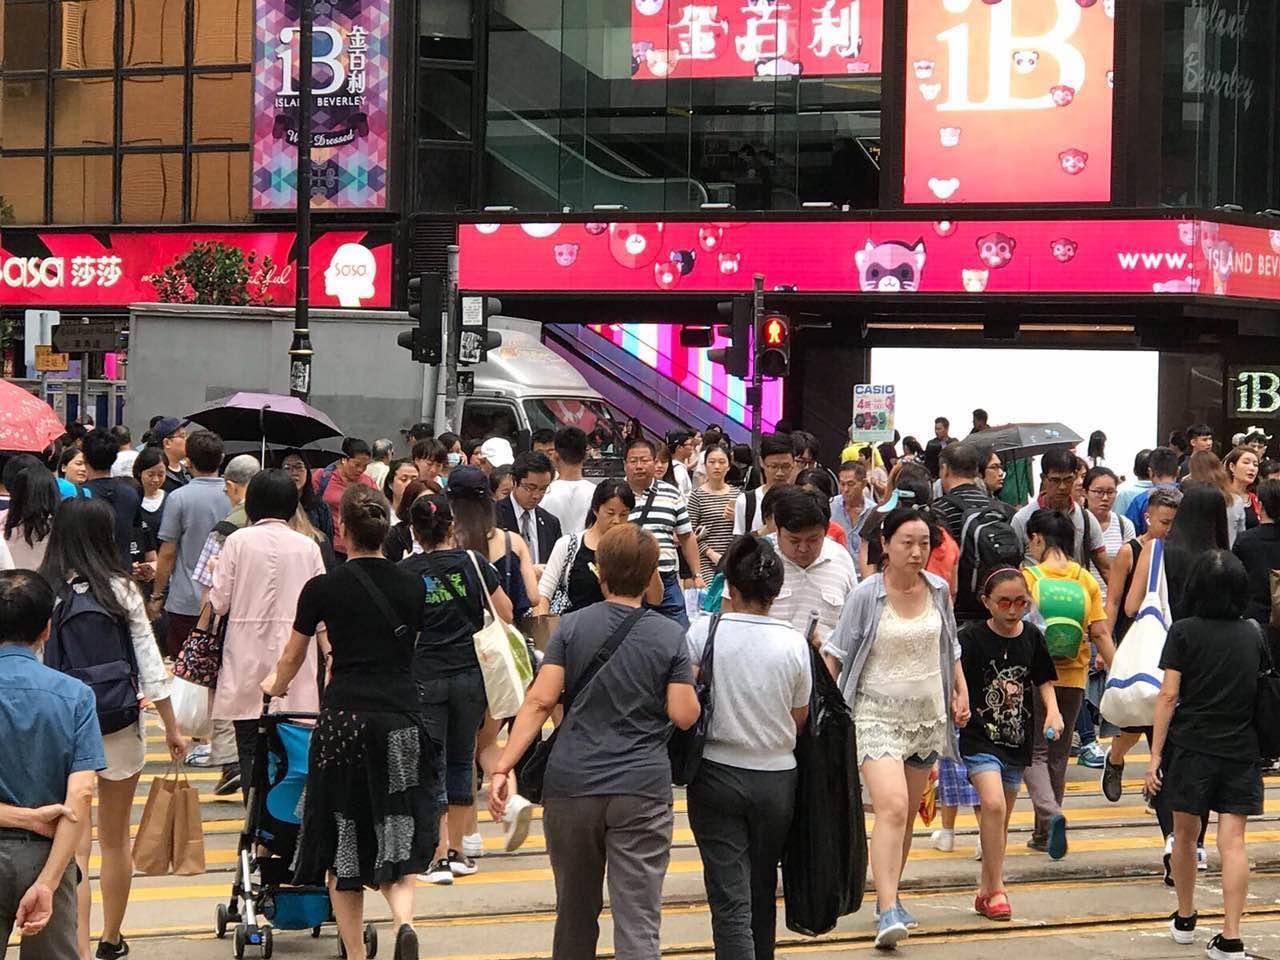 国庆黄金周内地访港数创新高 前三天每天超20万人次